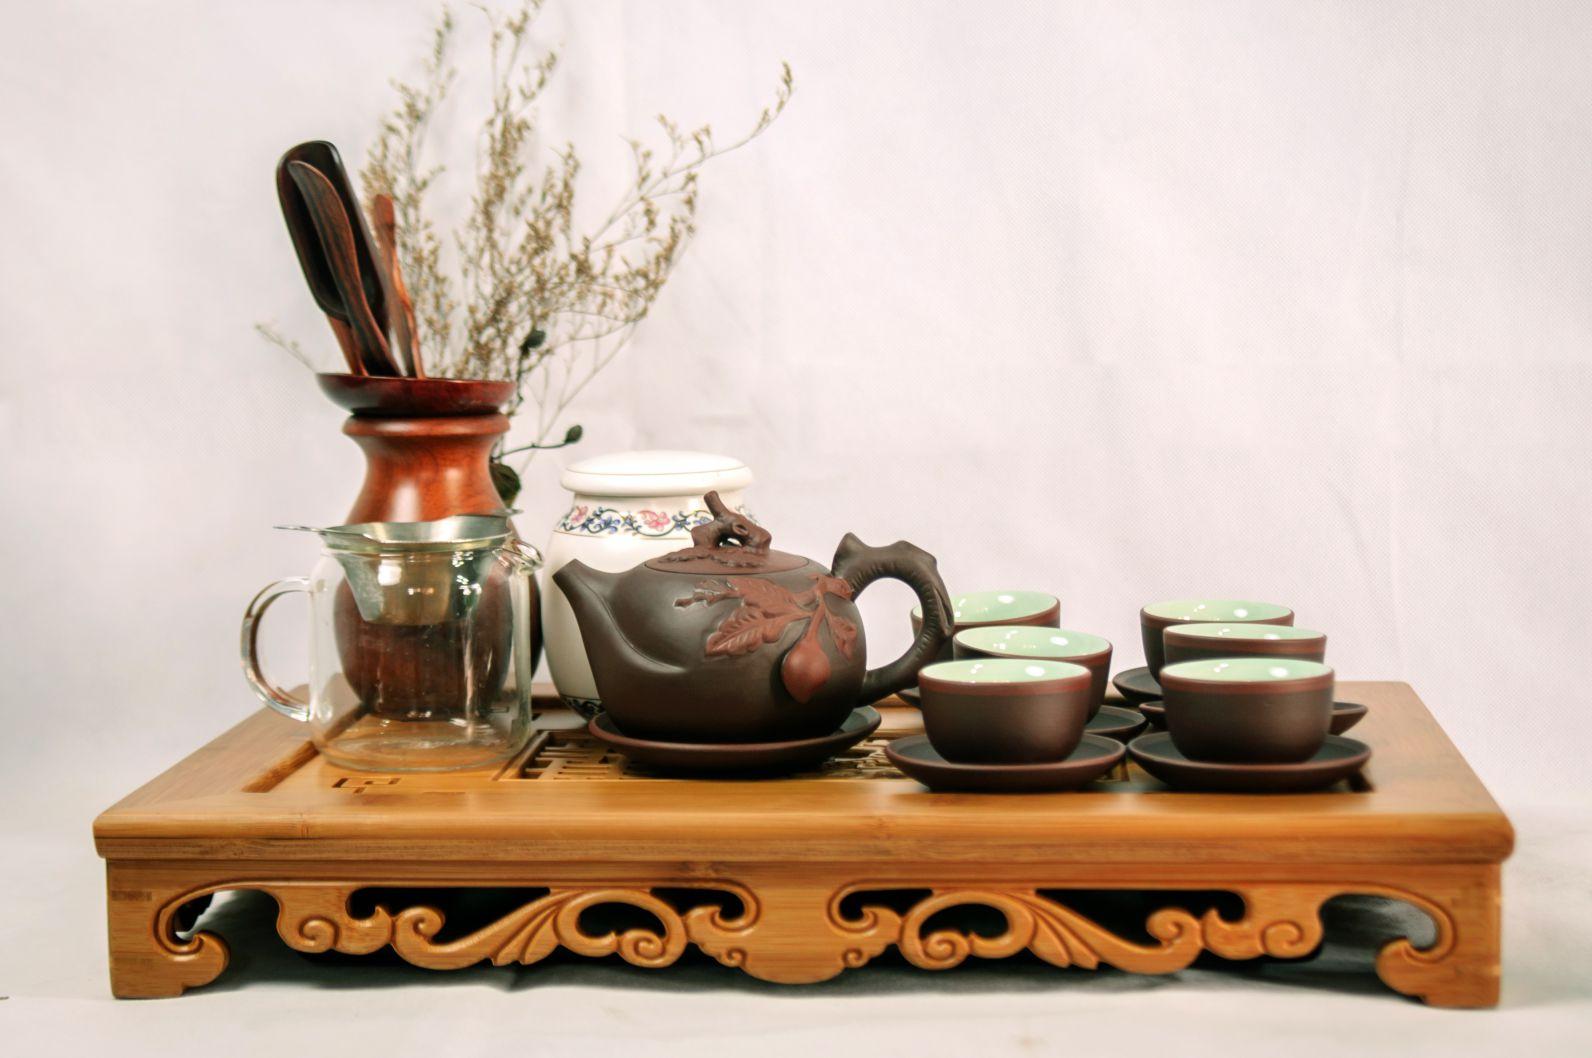 Khả năng giữ nhiệt và lưu hương của ấm trà bát tràng cao cấp rất cao nên giúp nước trà pha ra vô cùng ngon